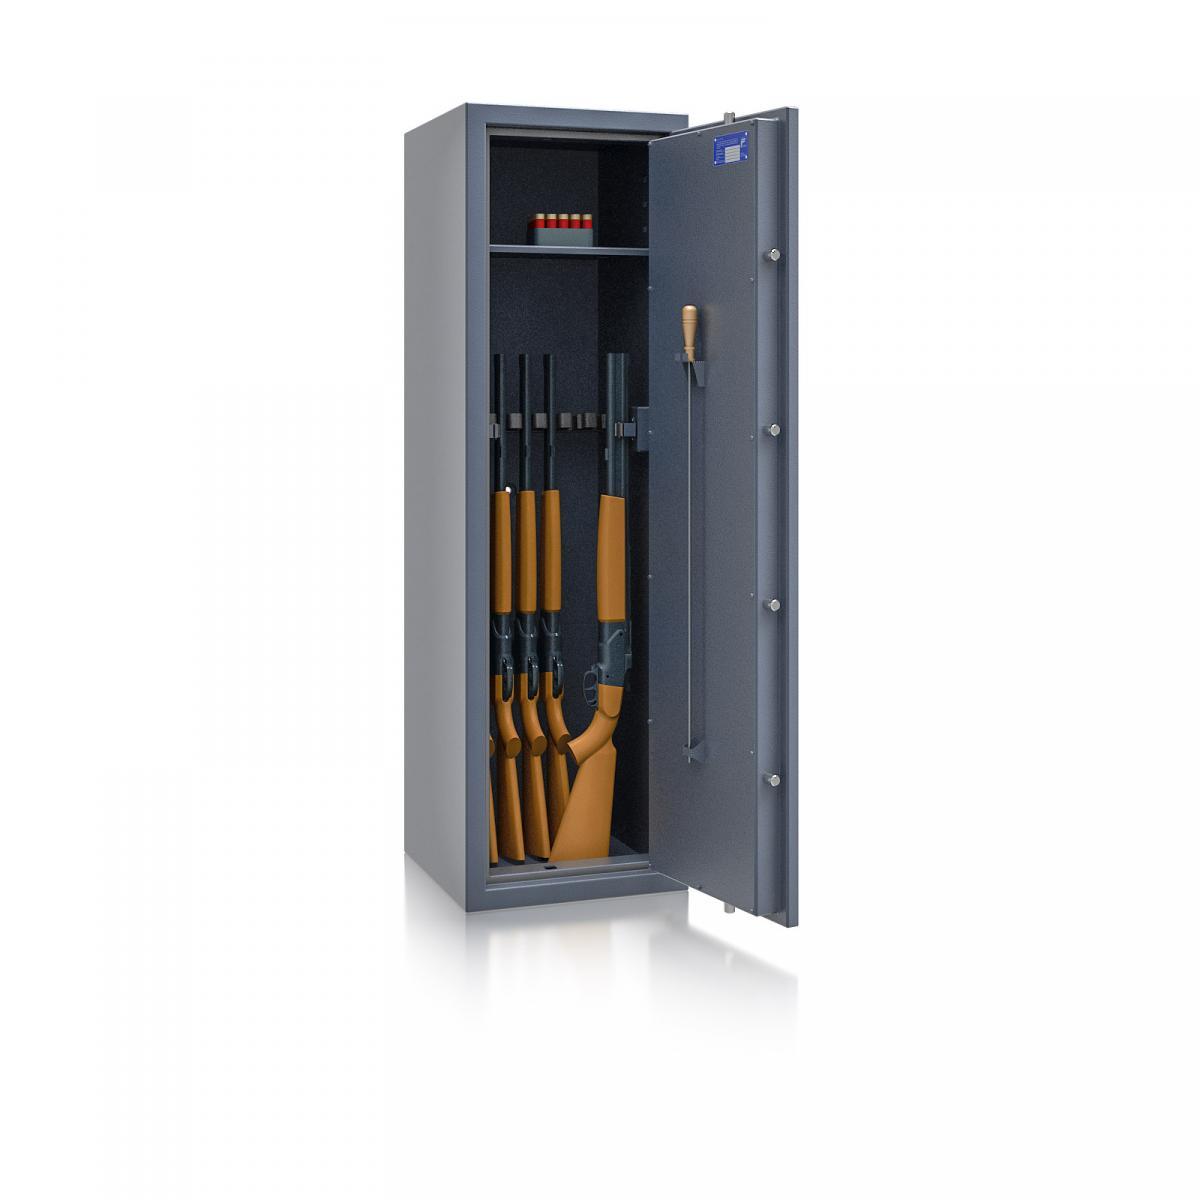 Waffenschrank Luzern WF 5 - 1500x450x450 / 165kg 55649 / Klasse 0 / RAL7024 / Schlüssel / DIN R